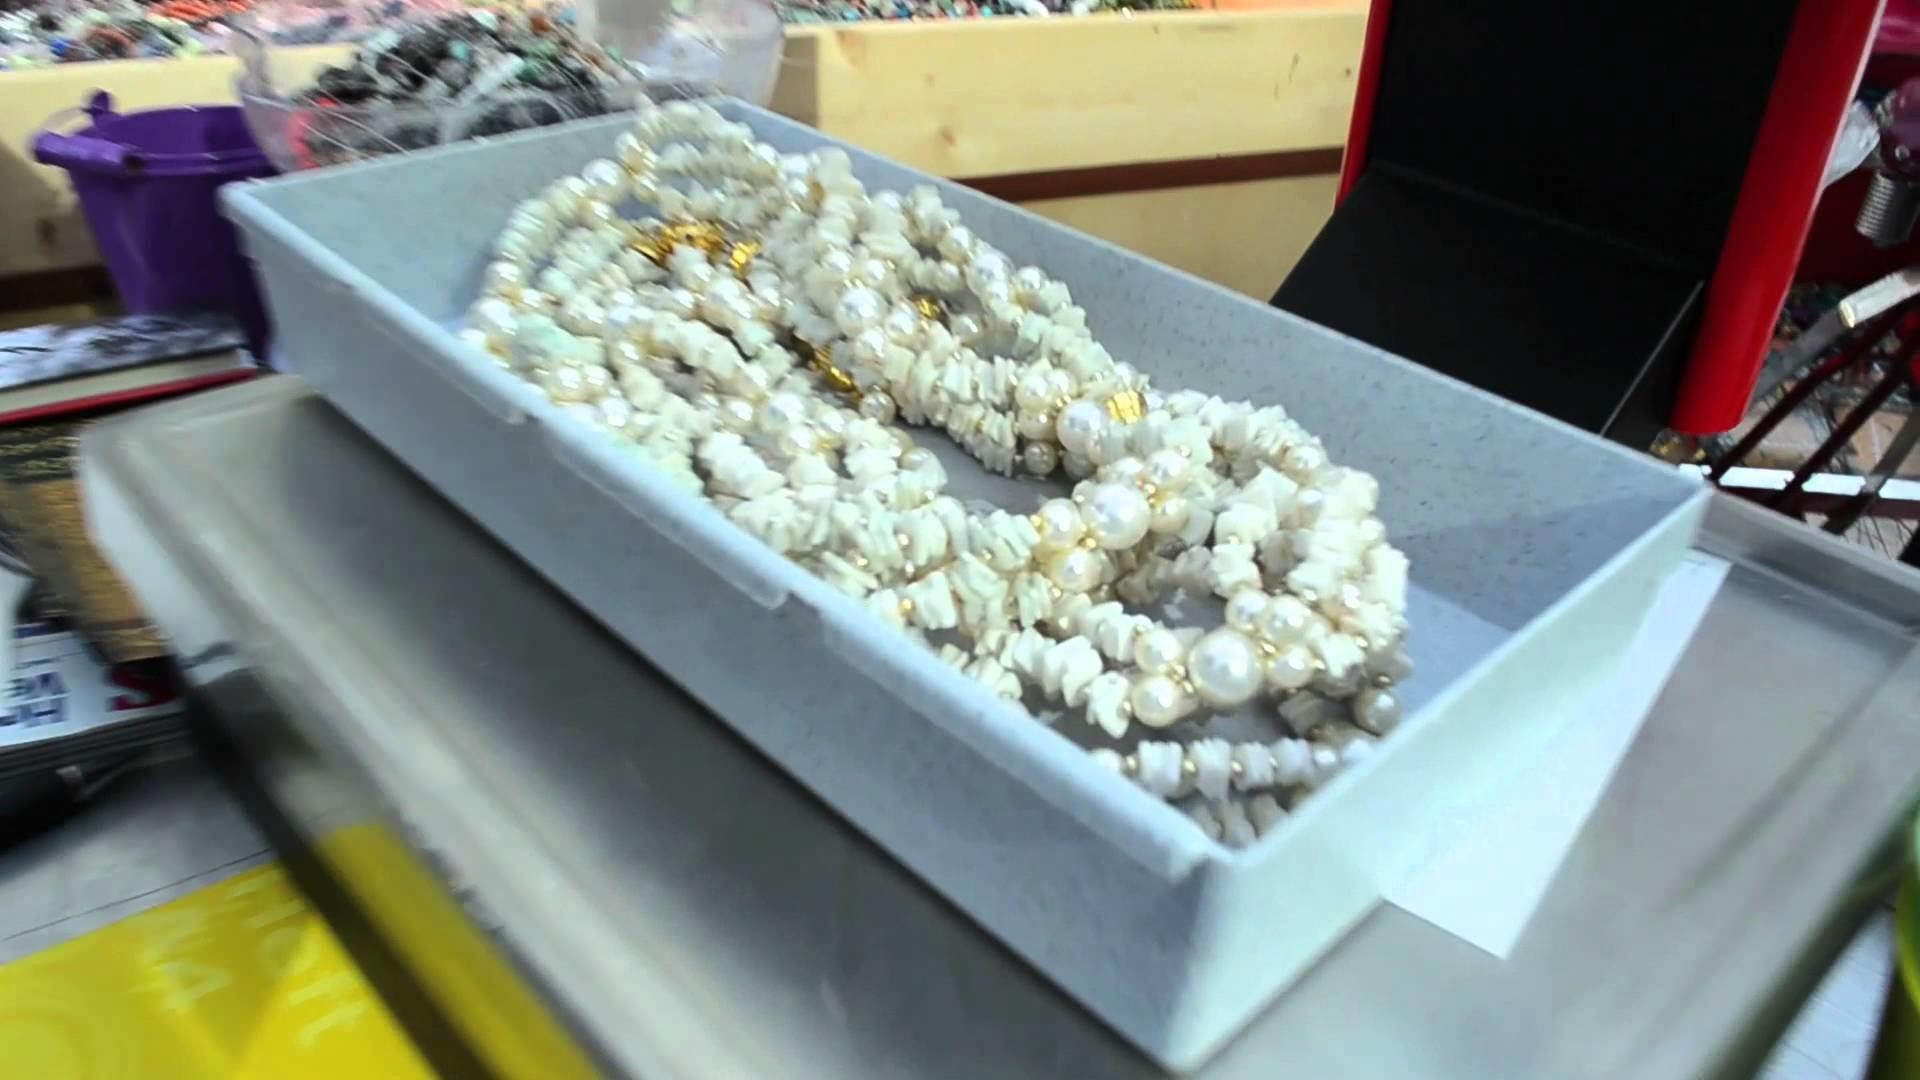 Schatzsucher.in Abverkauf von günstigen Schmucksteinen. modischen Beads und Mineralien aller Art.